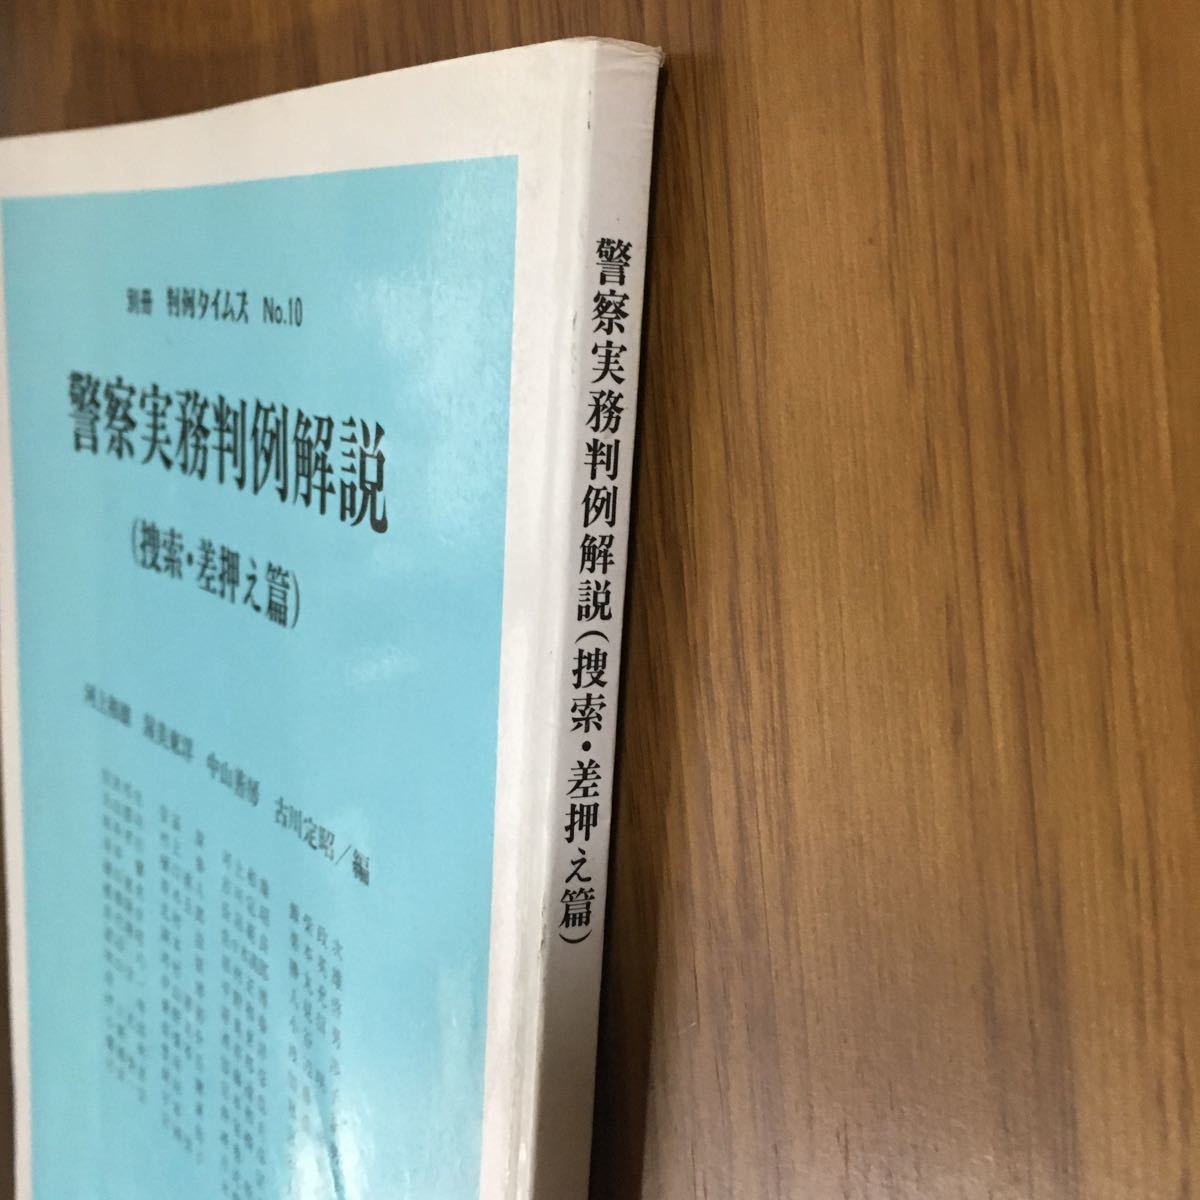 警察実務判例解説 捜索差押え篇 送料込_画像4